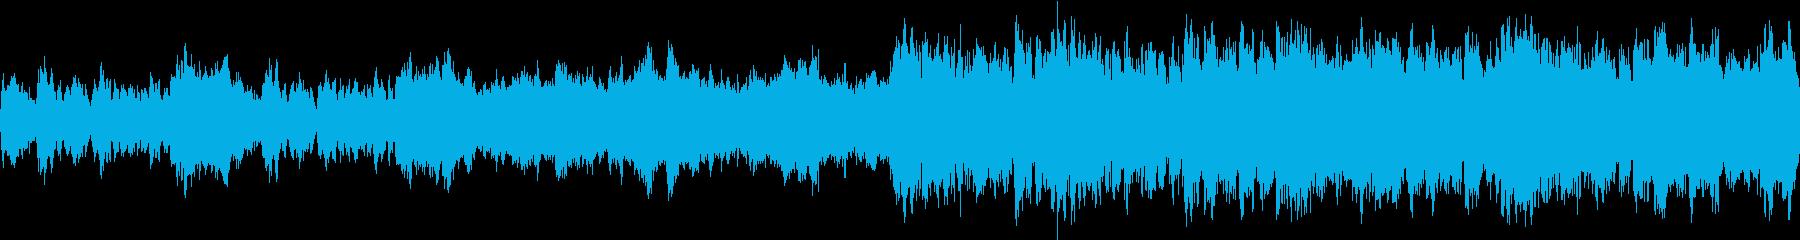 活気ある城下と始まりをイメージしたオケ曲の再生済みの波形